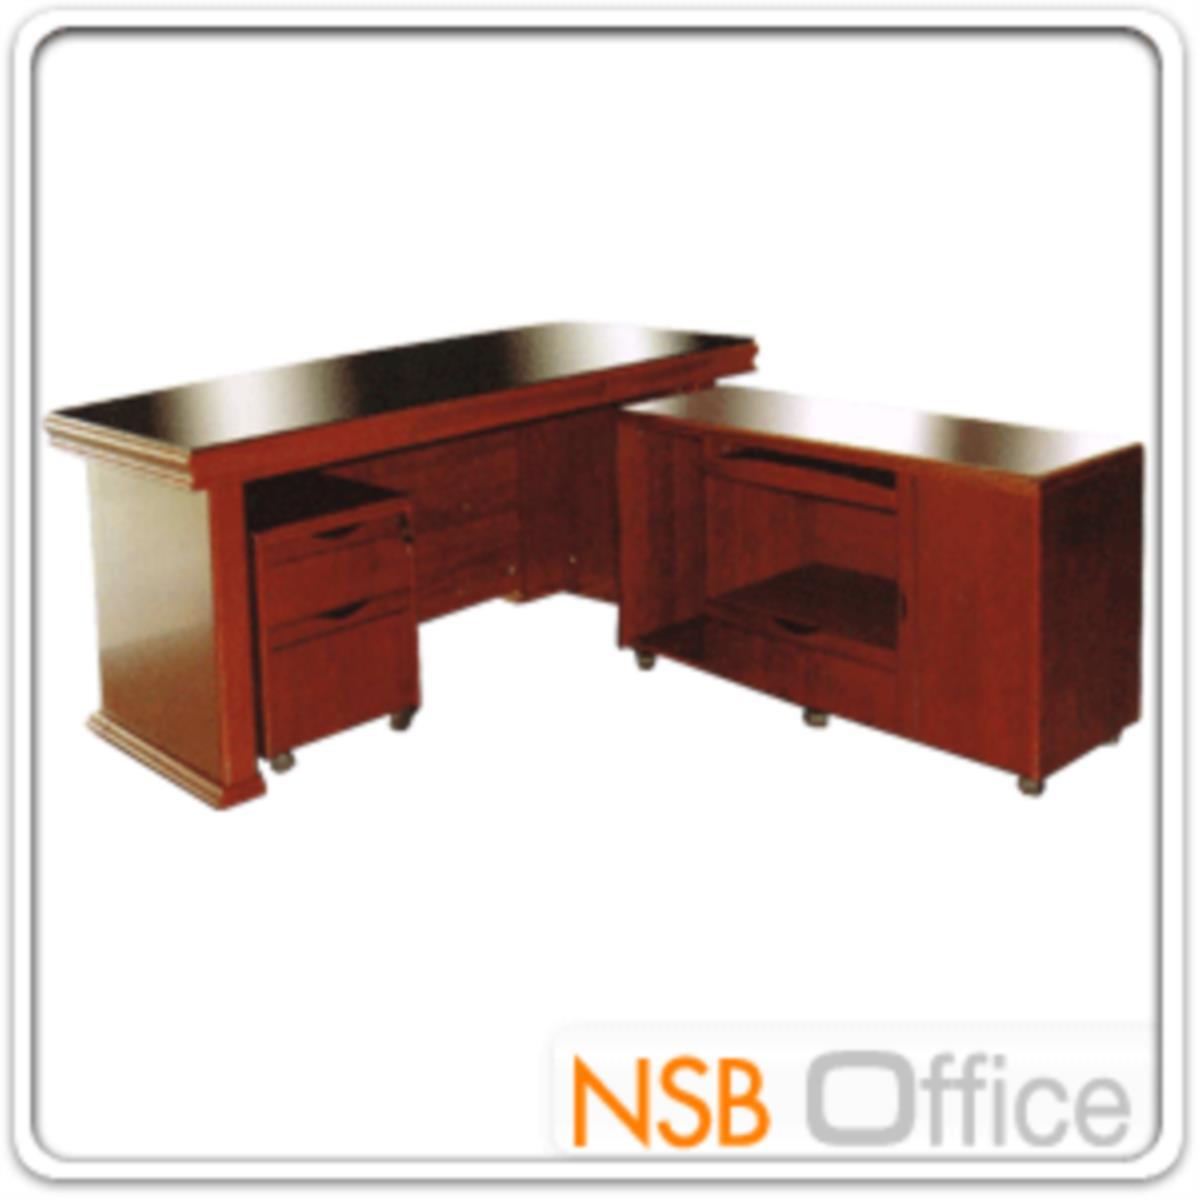 โต๊ะผู้บริหารตัวแอล  รุ่น Sinatra (ซินาตรา) ขนาด 160W cm. พร้อมตู้ลิ้นชักและตู้ข้าง